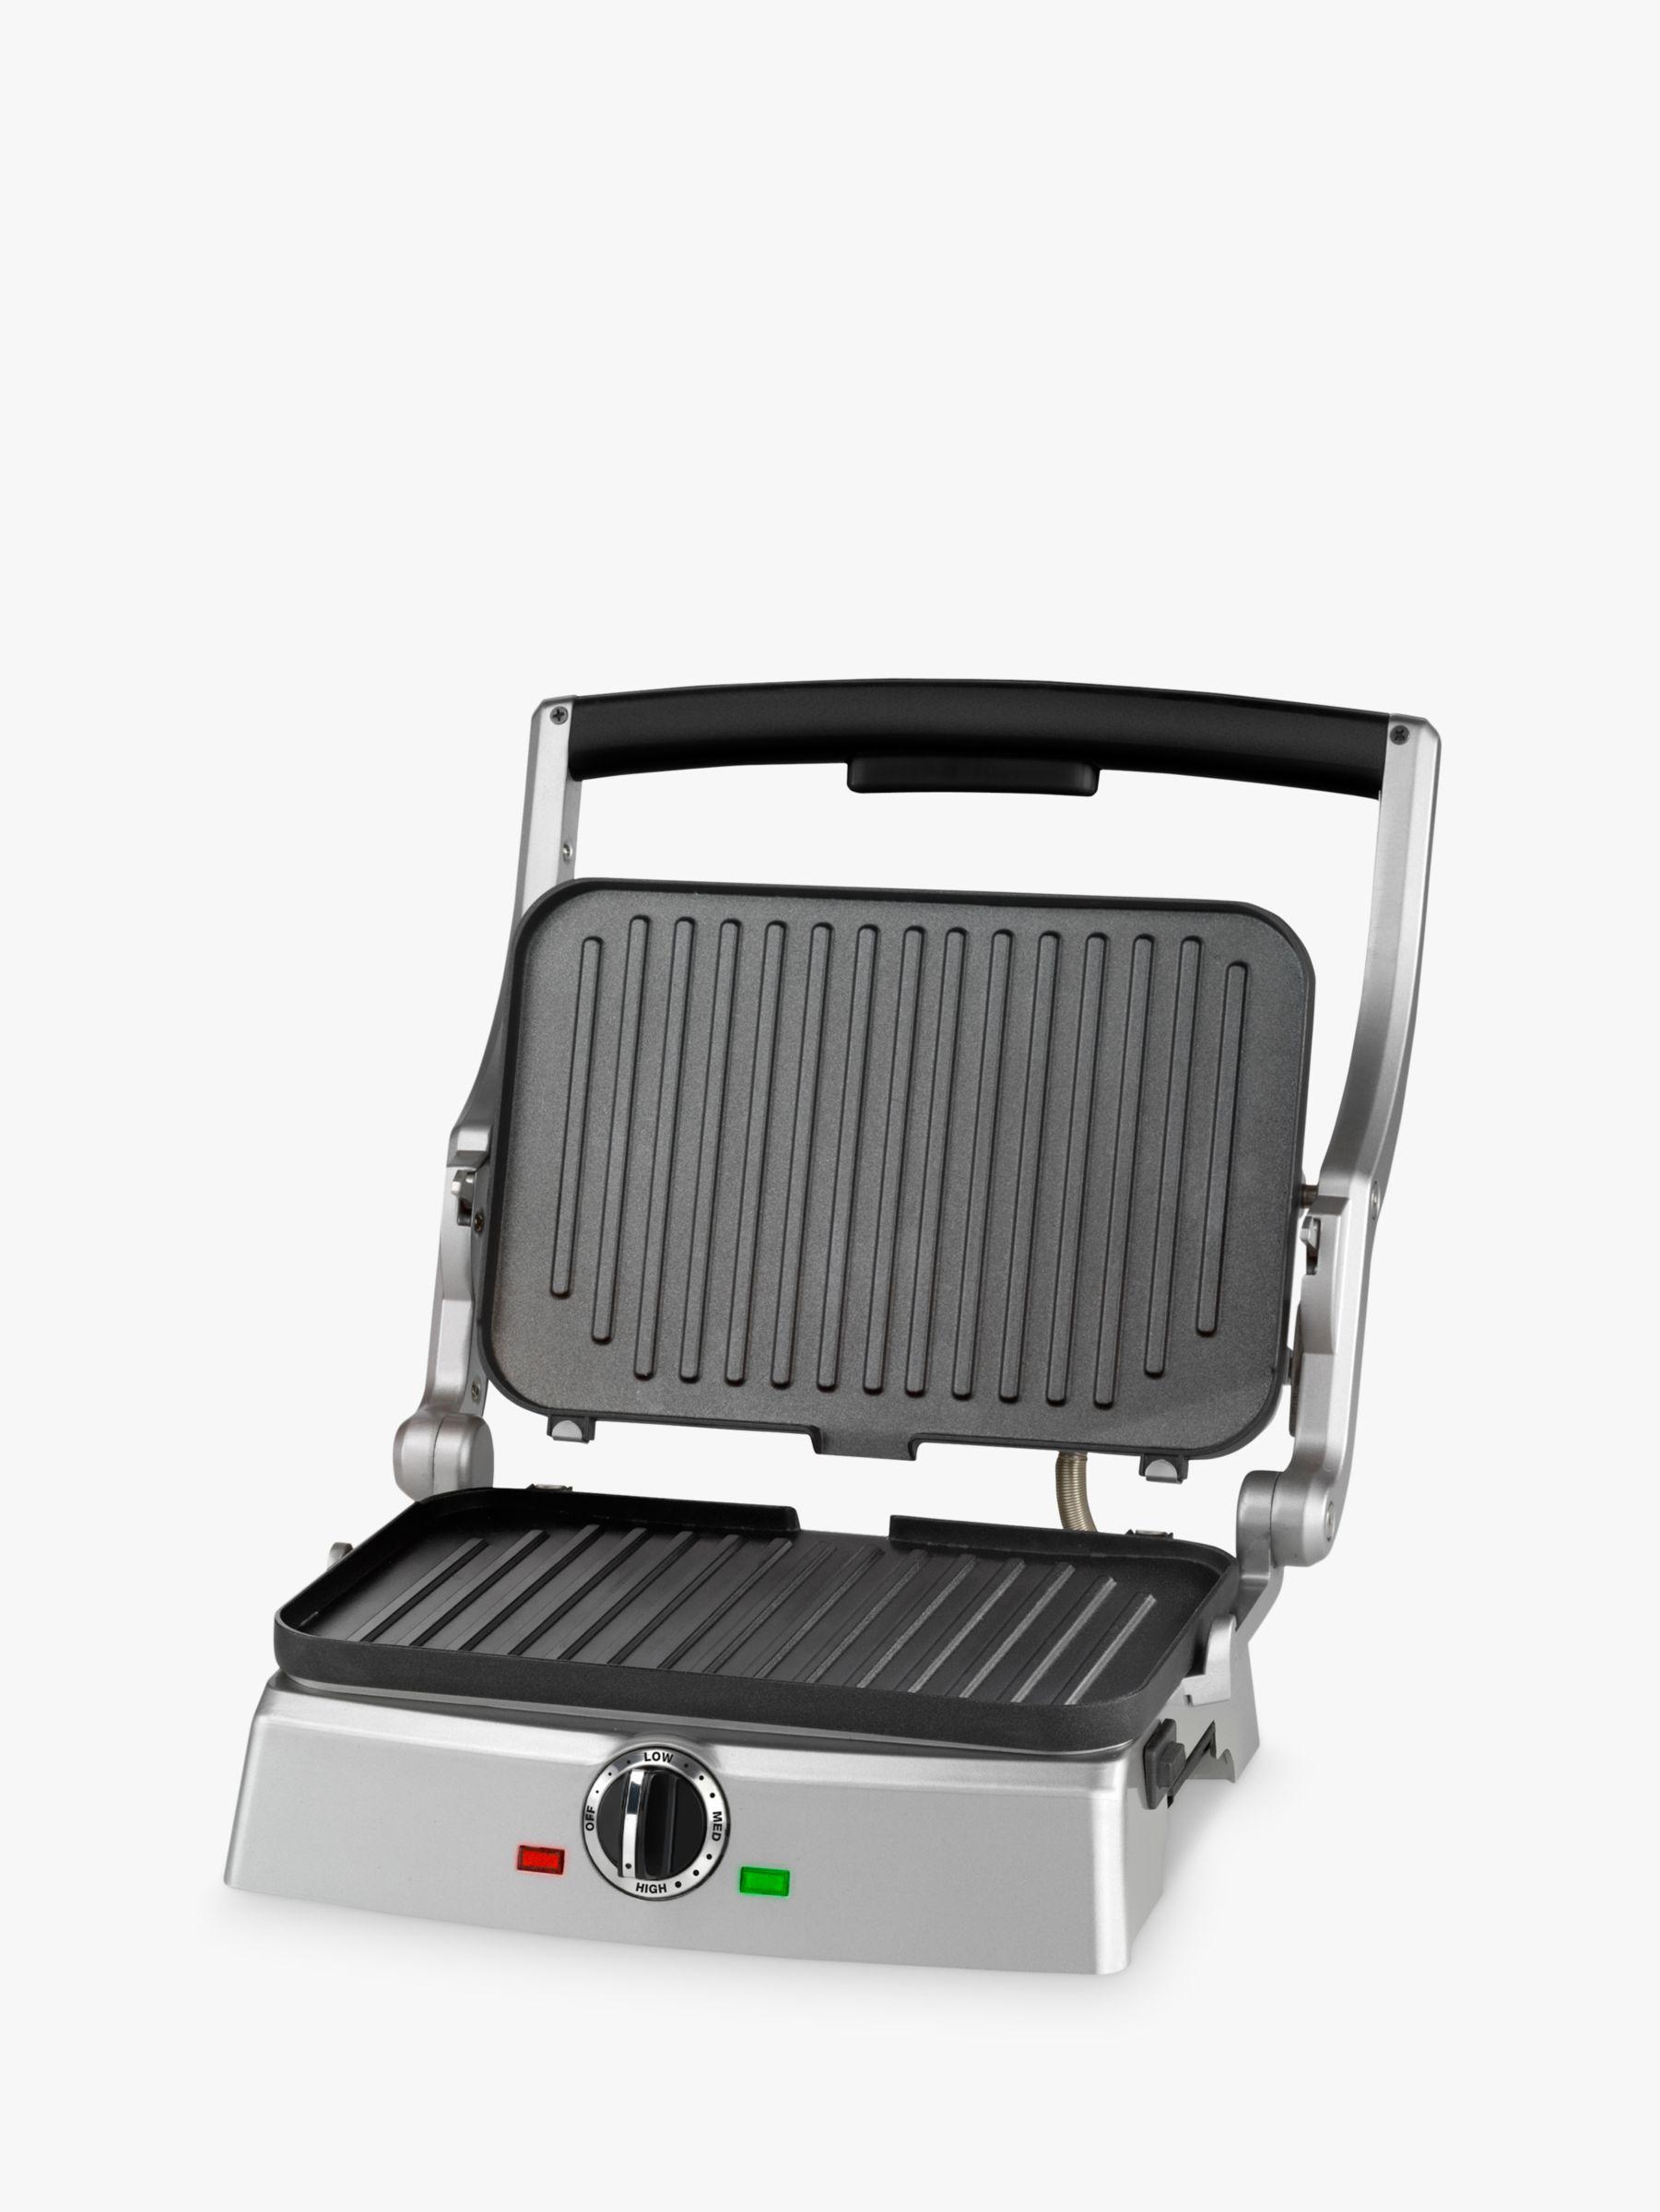 Cuisinart Cuisinart GRSM2U 2-in-1 Grill and Sandwich Maker